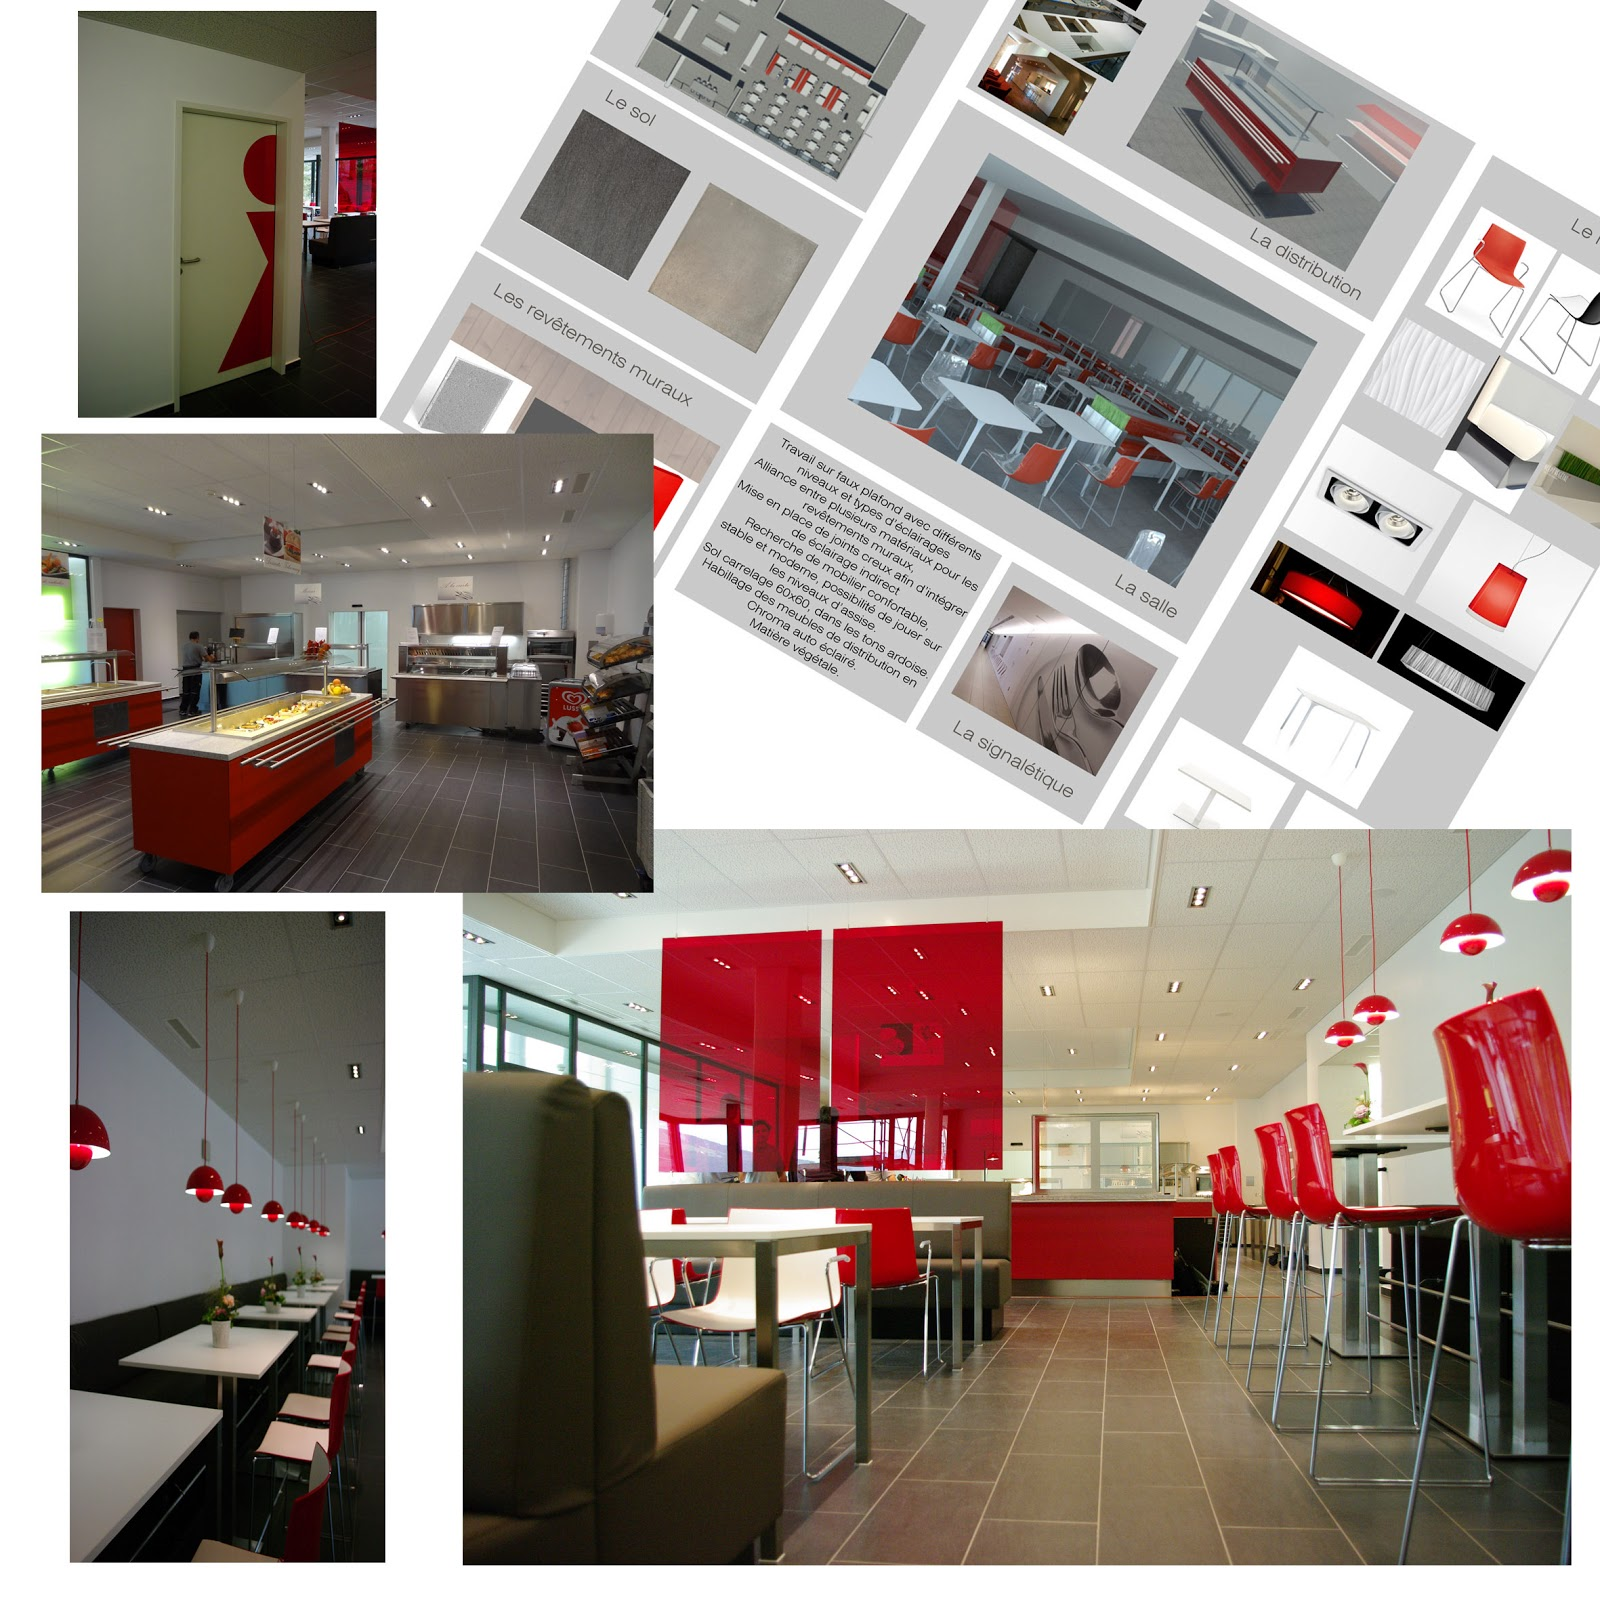 Laure marcon architecte d int rieur conception - Ecole superieure de cuisine francaise ...